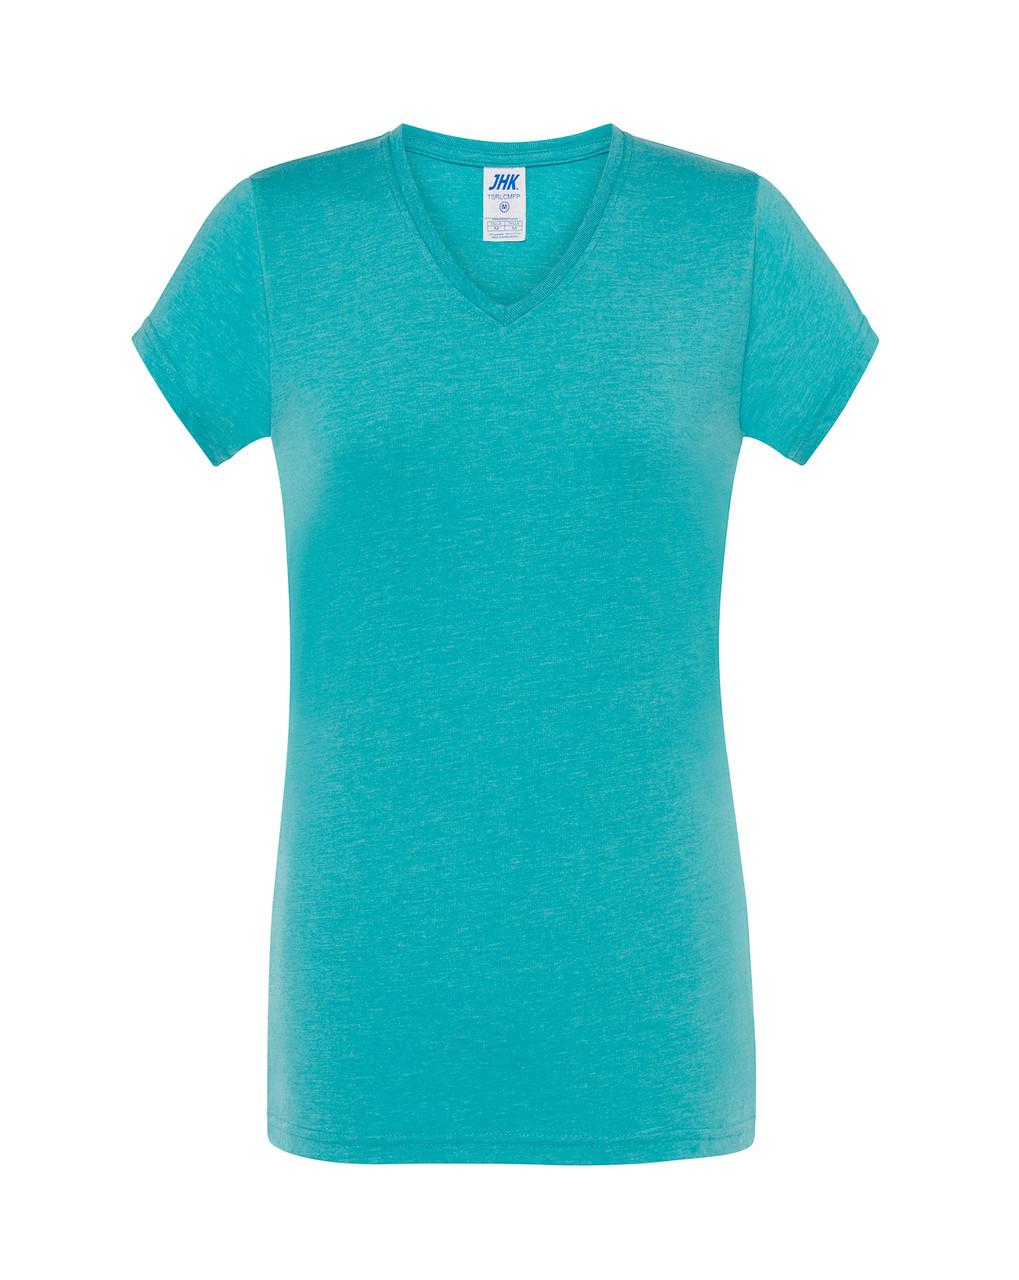 Женская футболка JHK COMFORT V-NECK LADY цвет бирюзовый (TUH)